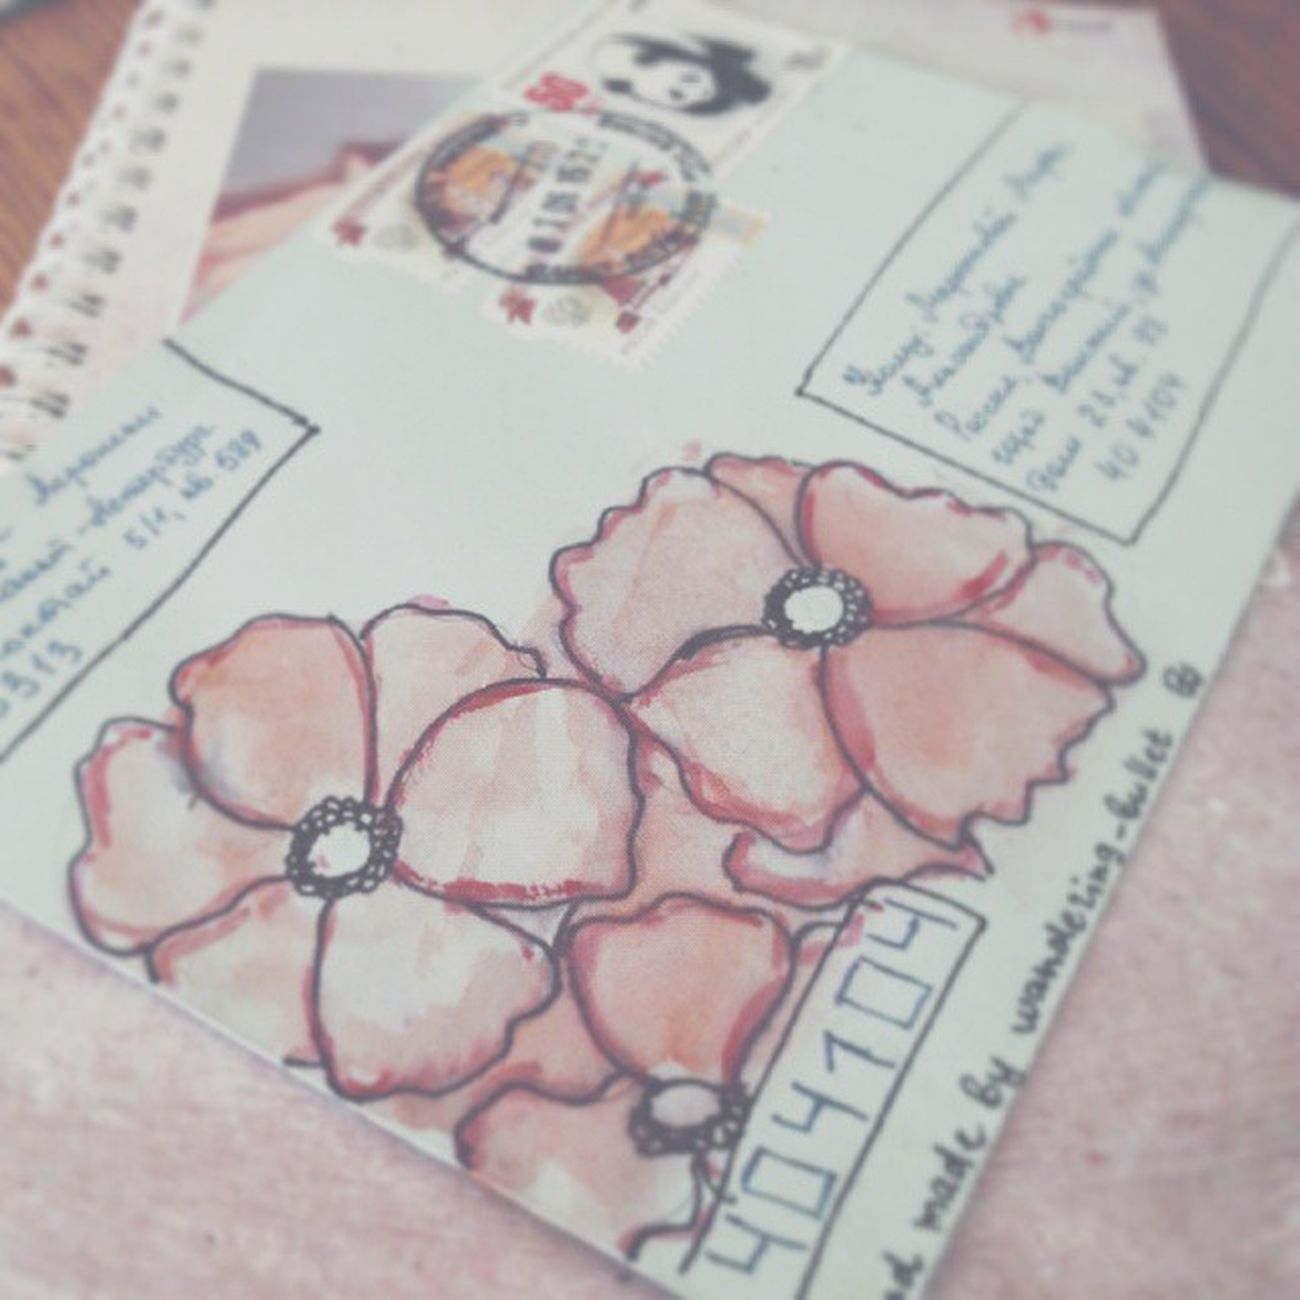 посткроссинг письмо конверт цветы рисунок Post Postcrossing Letter Flowers Drawing 편지 꽂